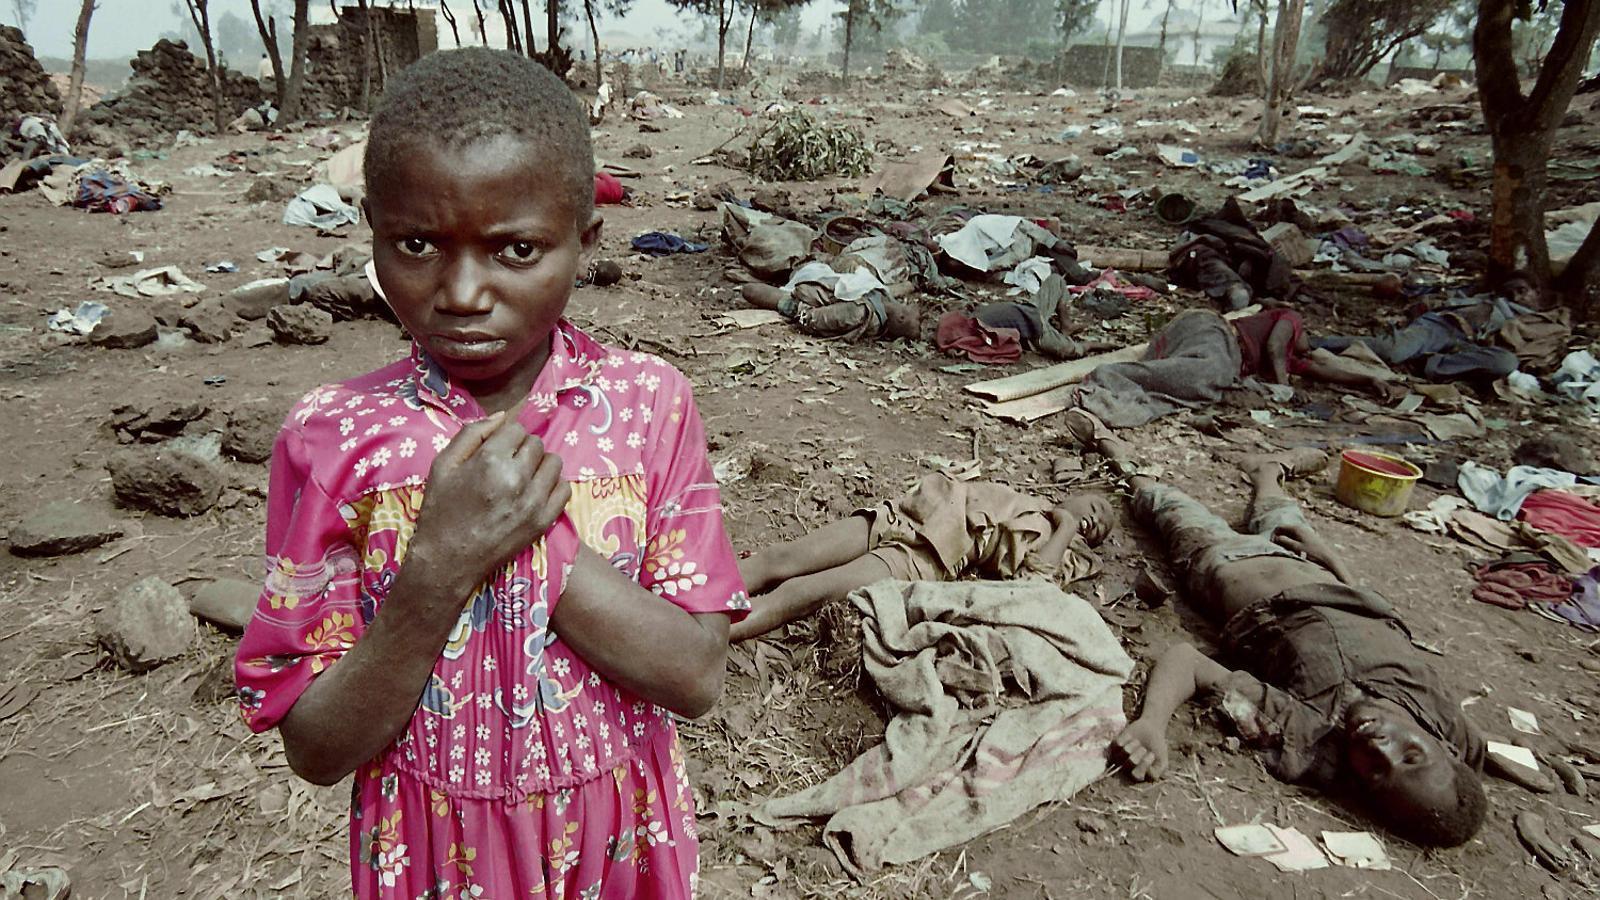 Les veus del genocidi que va passar a ulls del món i ningú va aturar